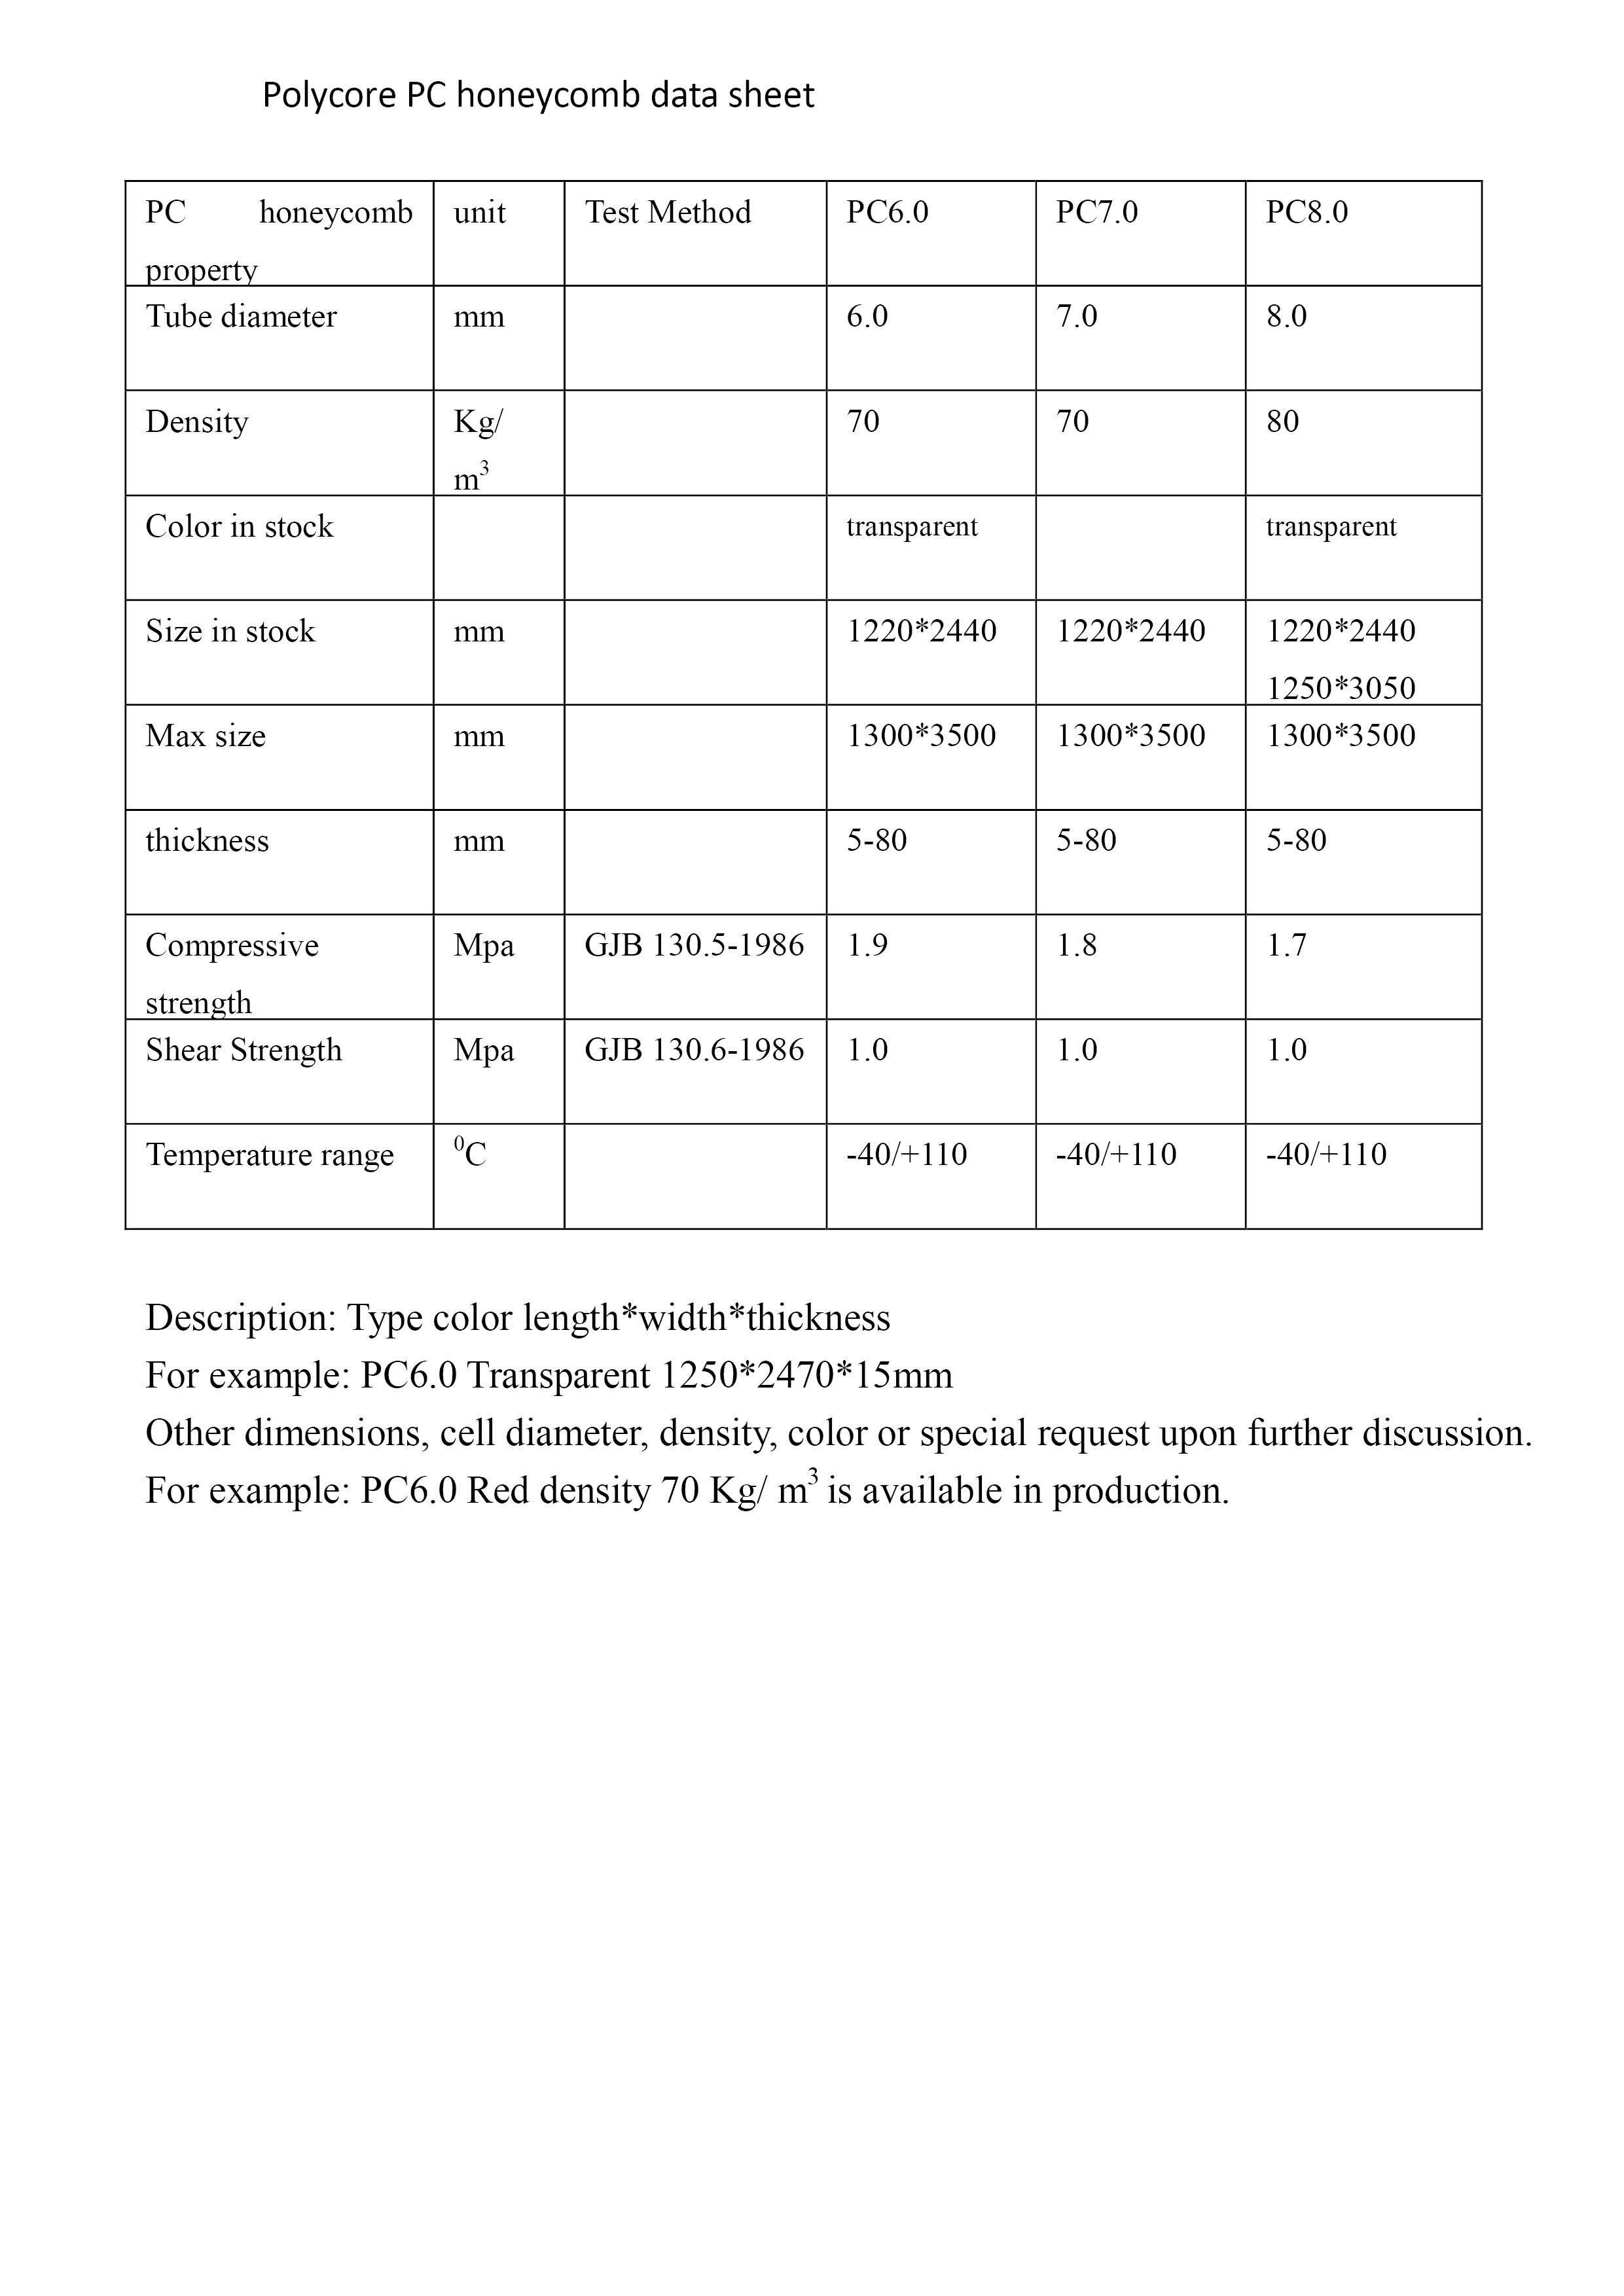 Polycore PC honeycomb data sheet.jpg